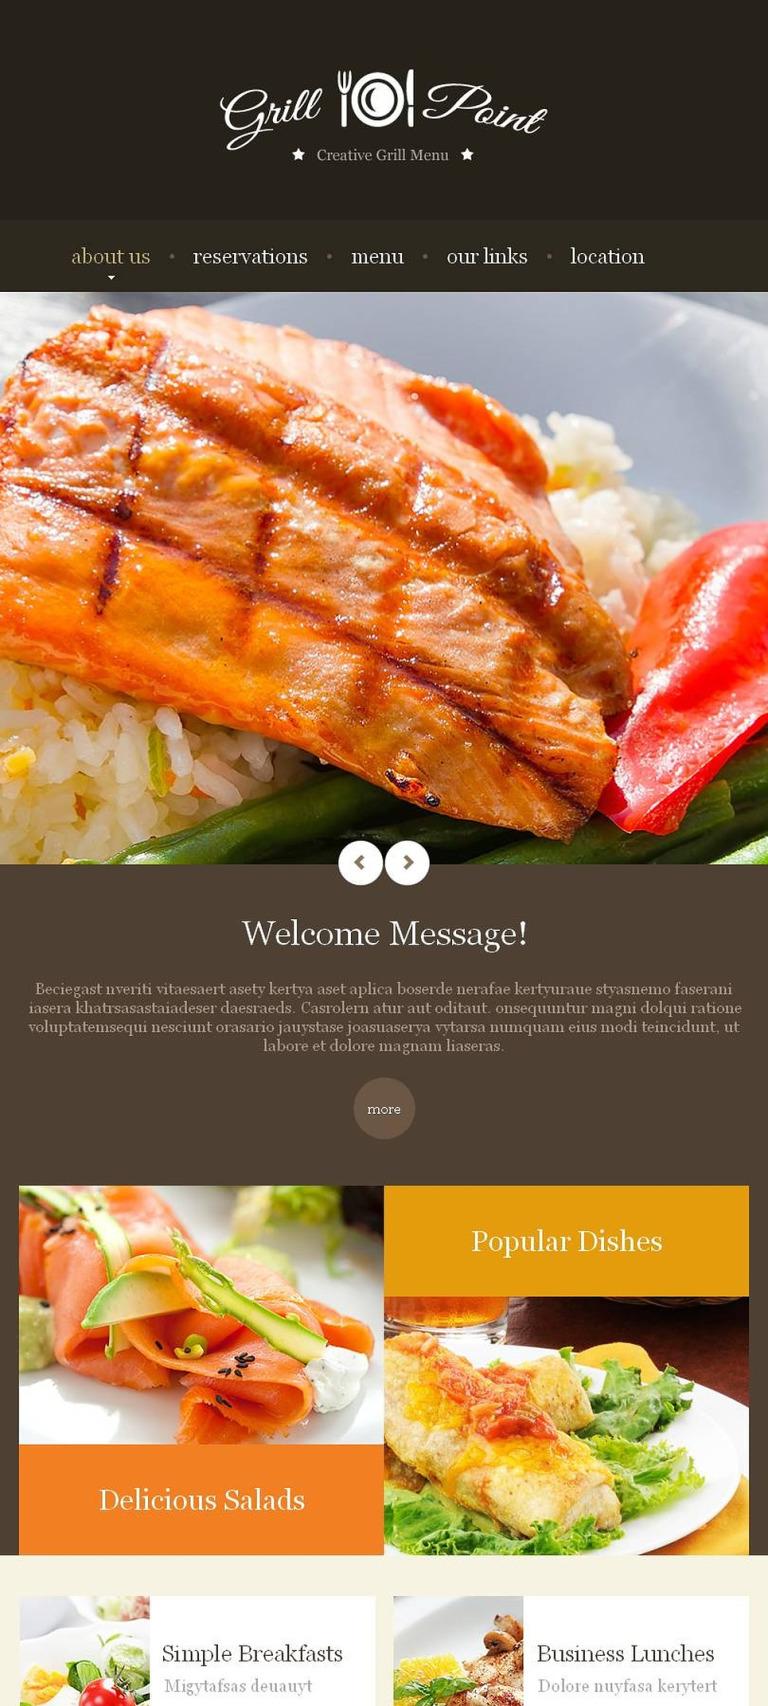 BBQ Restaurant Facebook HTML CMS Template New Screenshots BIG